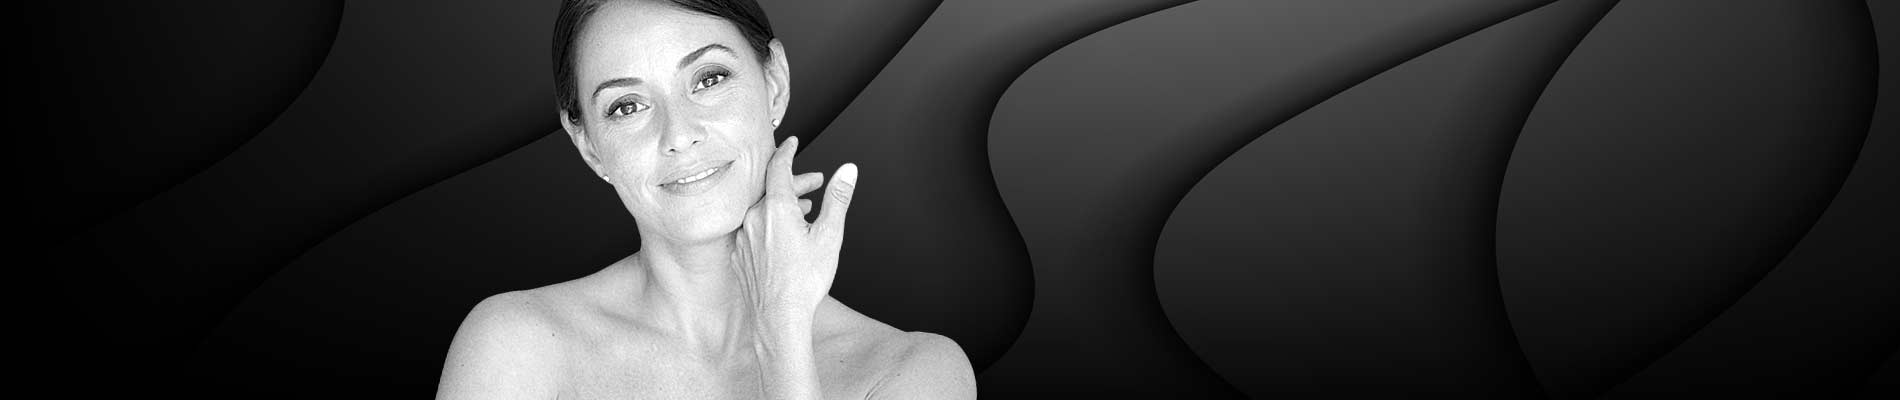 Liposuccion Lipoaspiration Dr Elia Lille